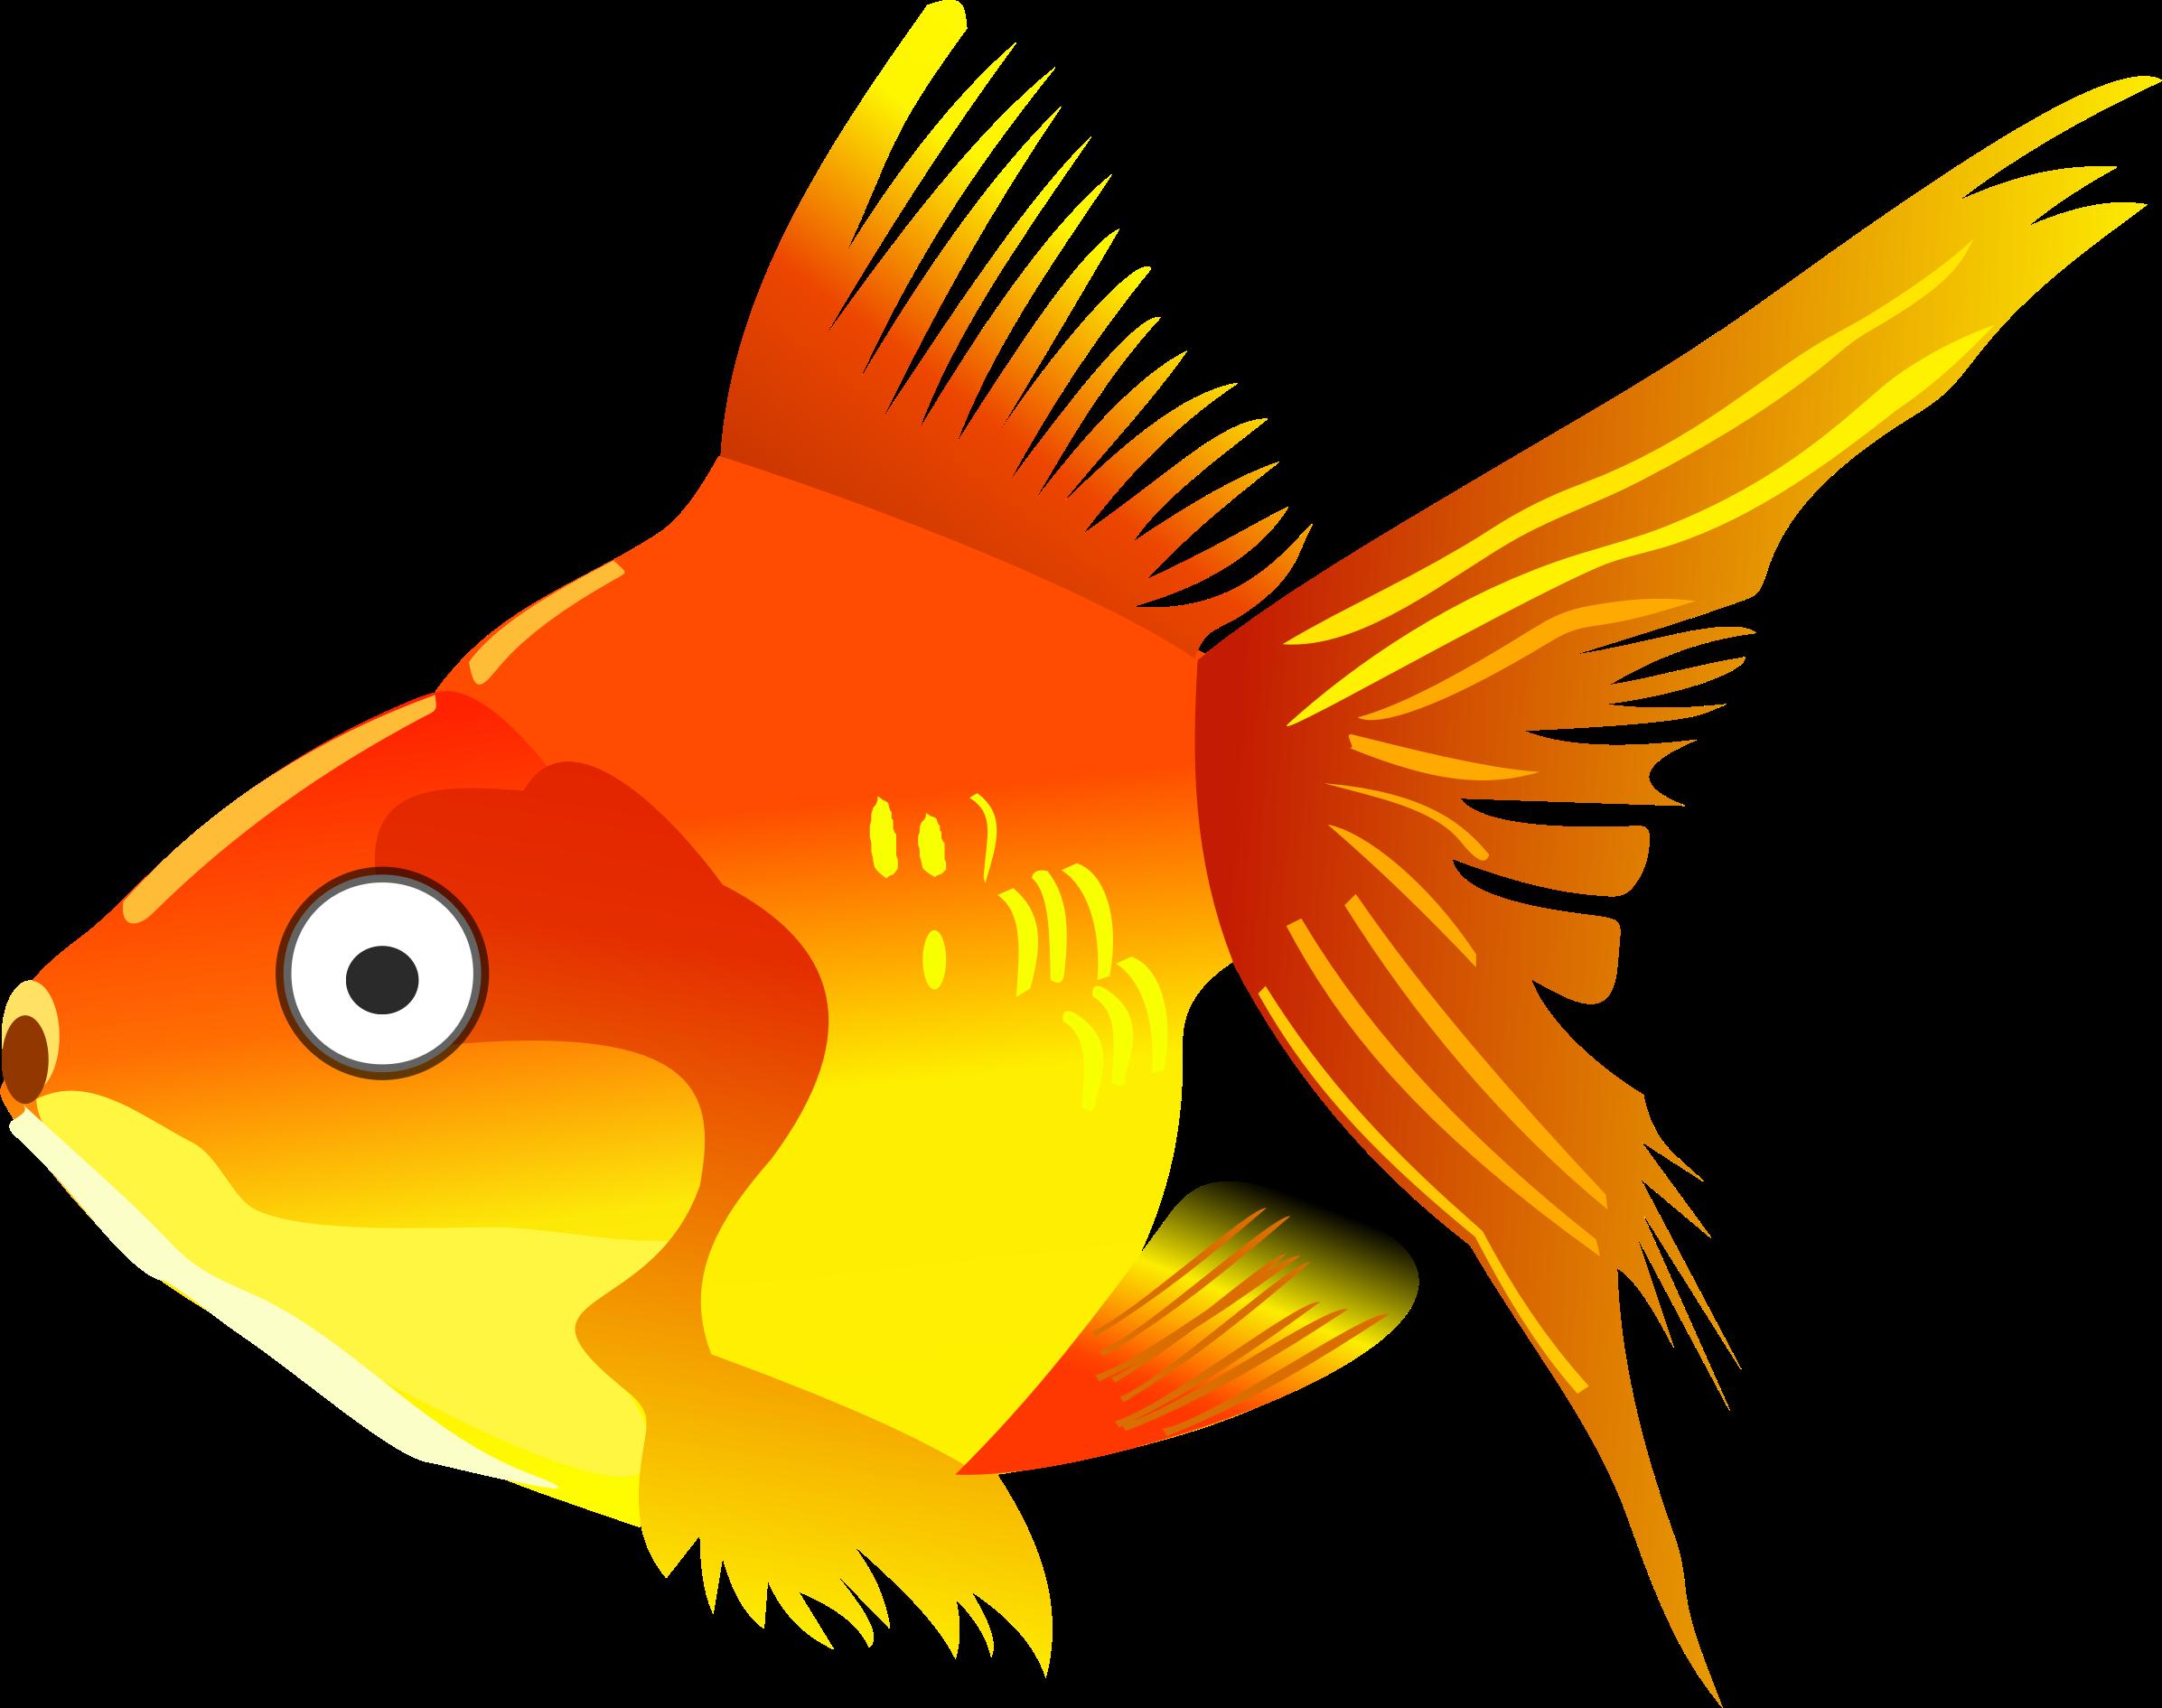 Goldfish fish clipart graphic transparent library Clipart - Cartoon goldfish graphic transparent library